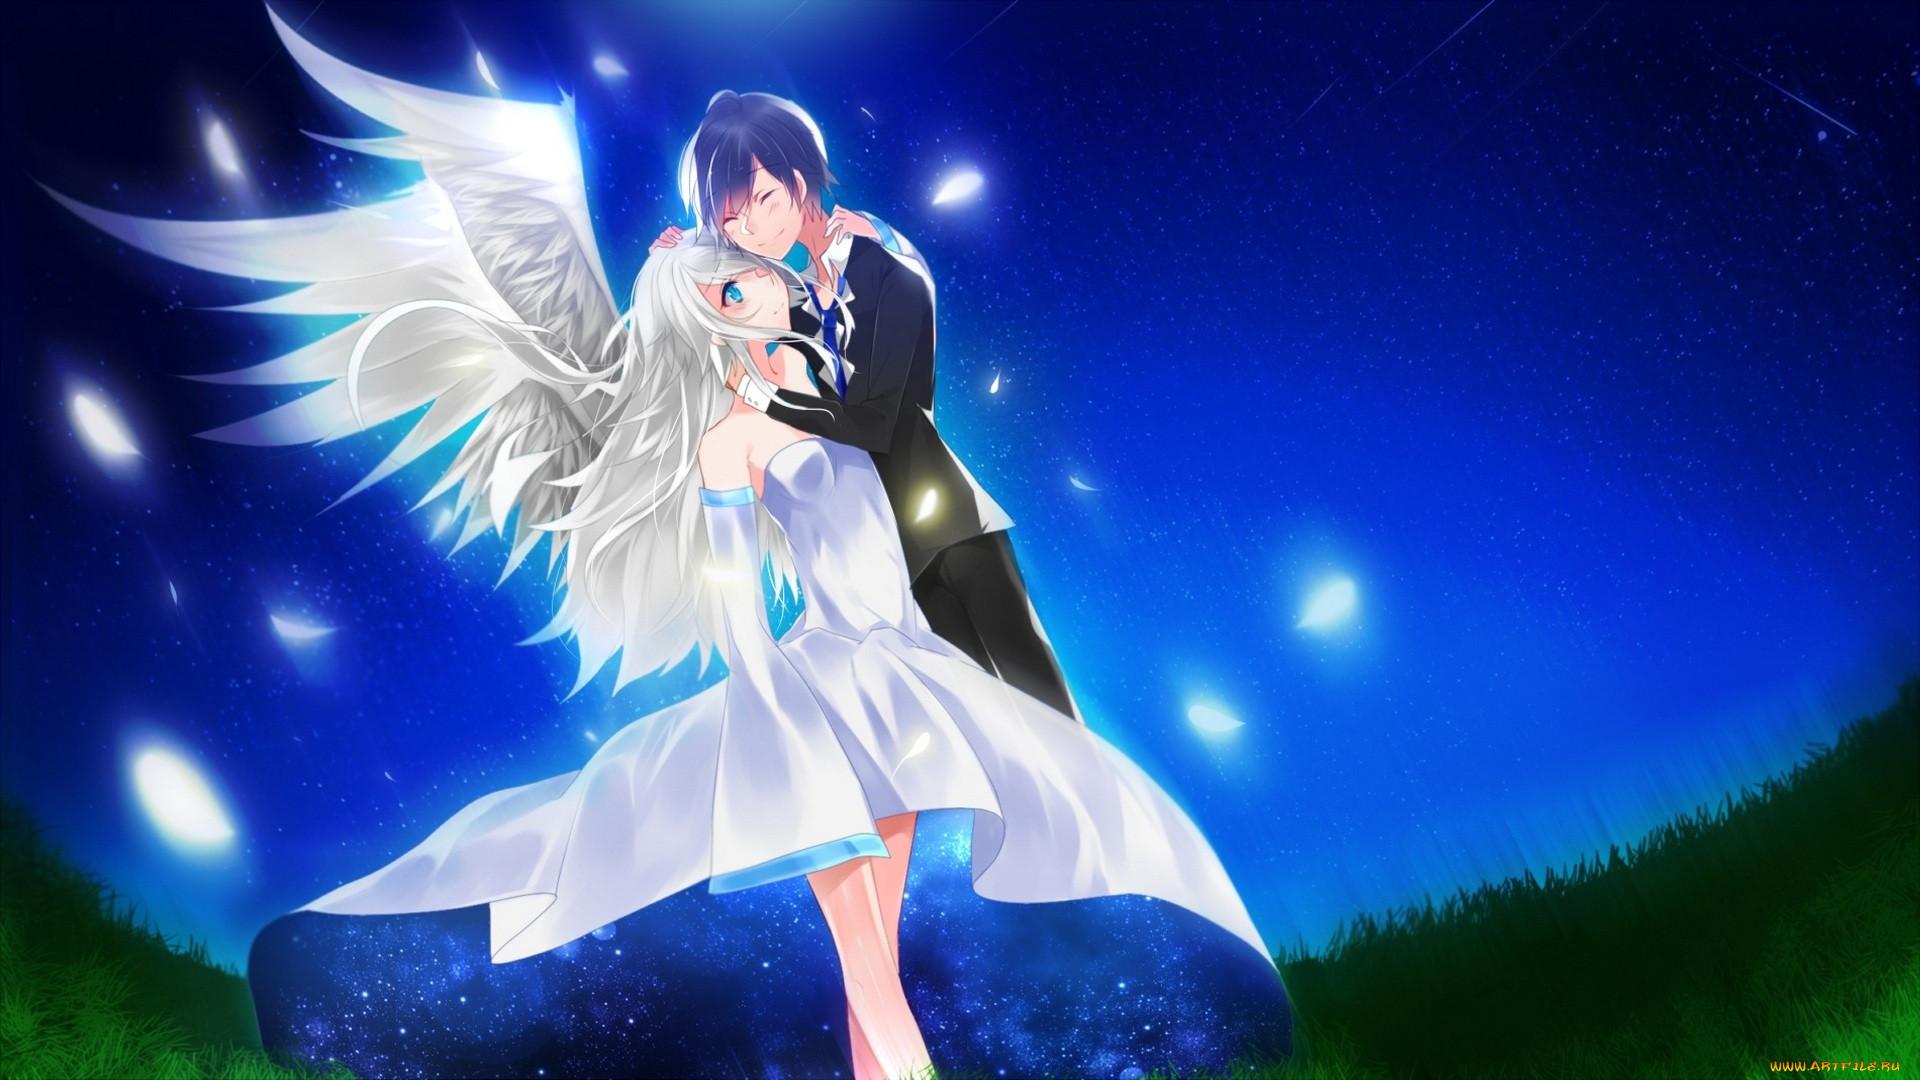 Аниме демоны парни и ангелы картинки